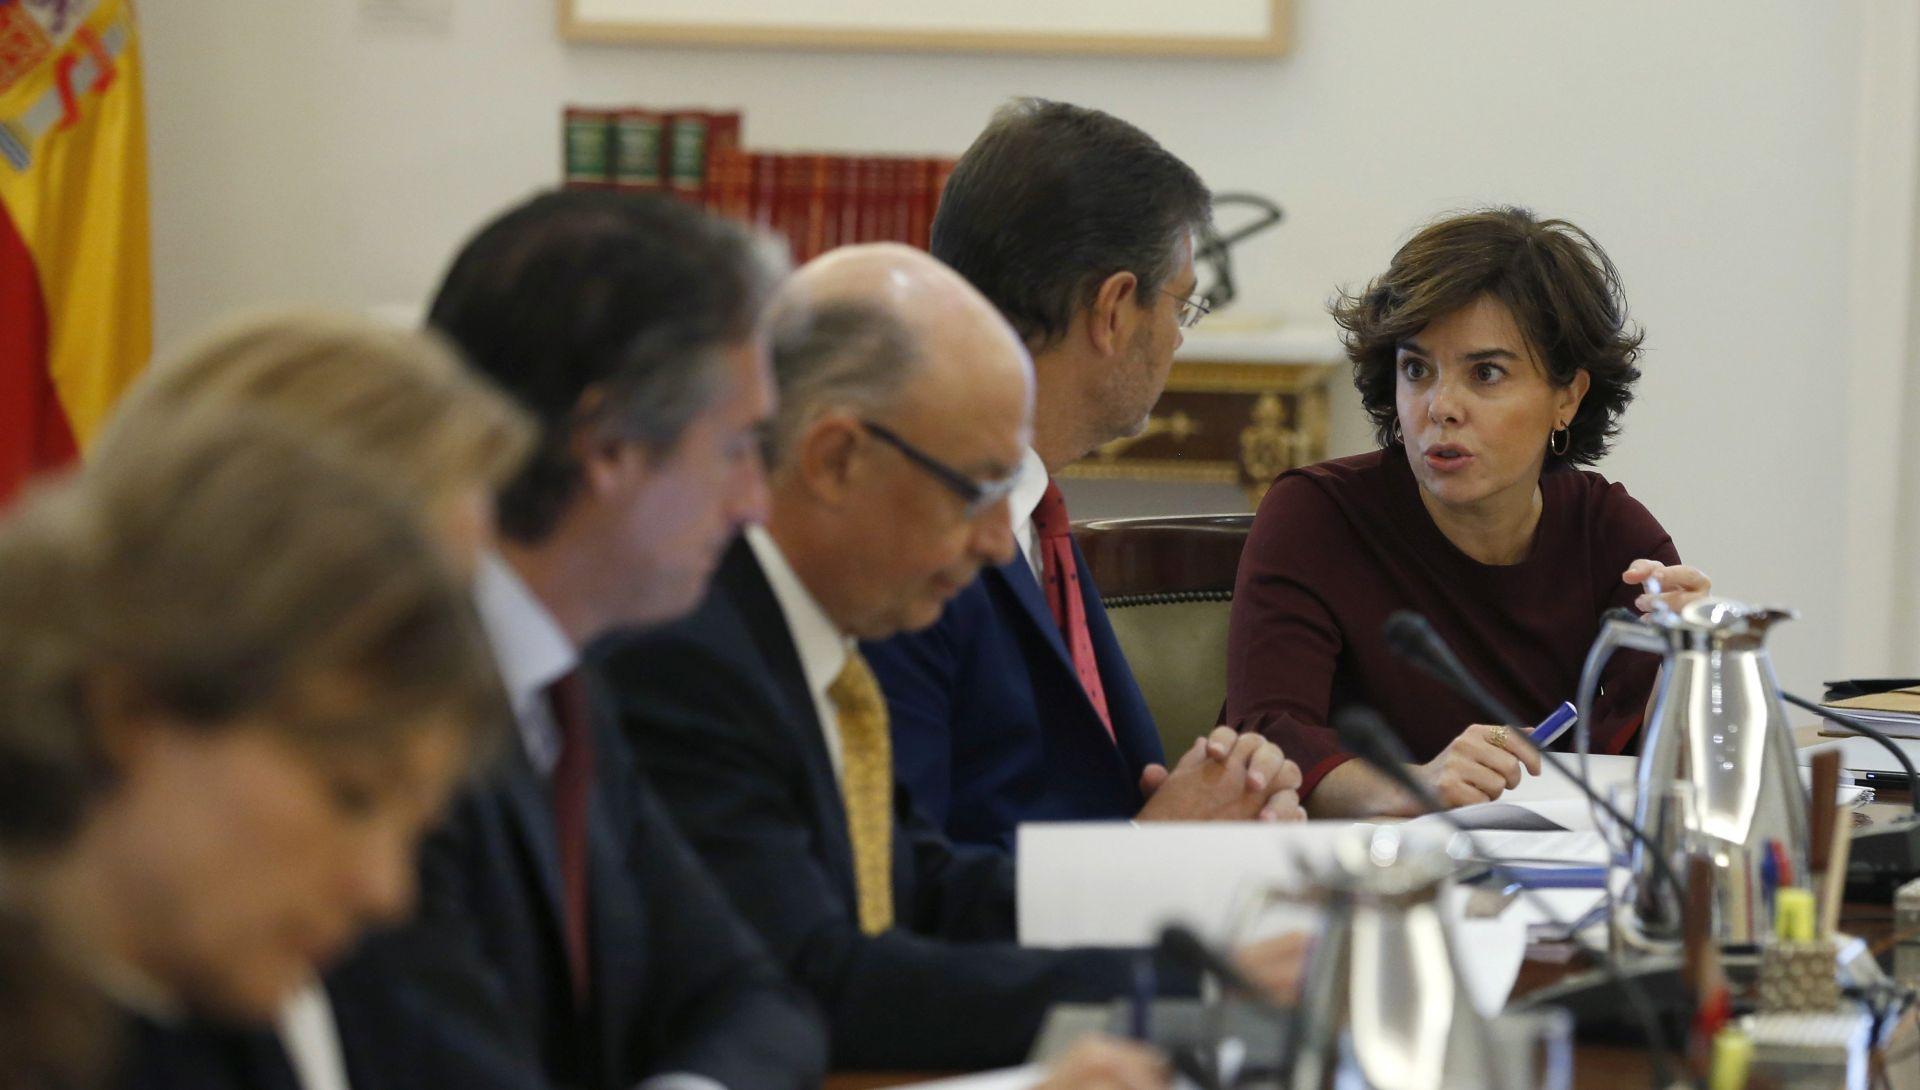 MADRID Ministri usuglašavaju detalje izvanrednih mjera za Kataloniju